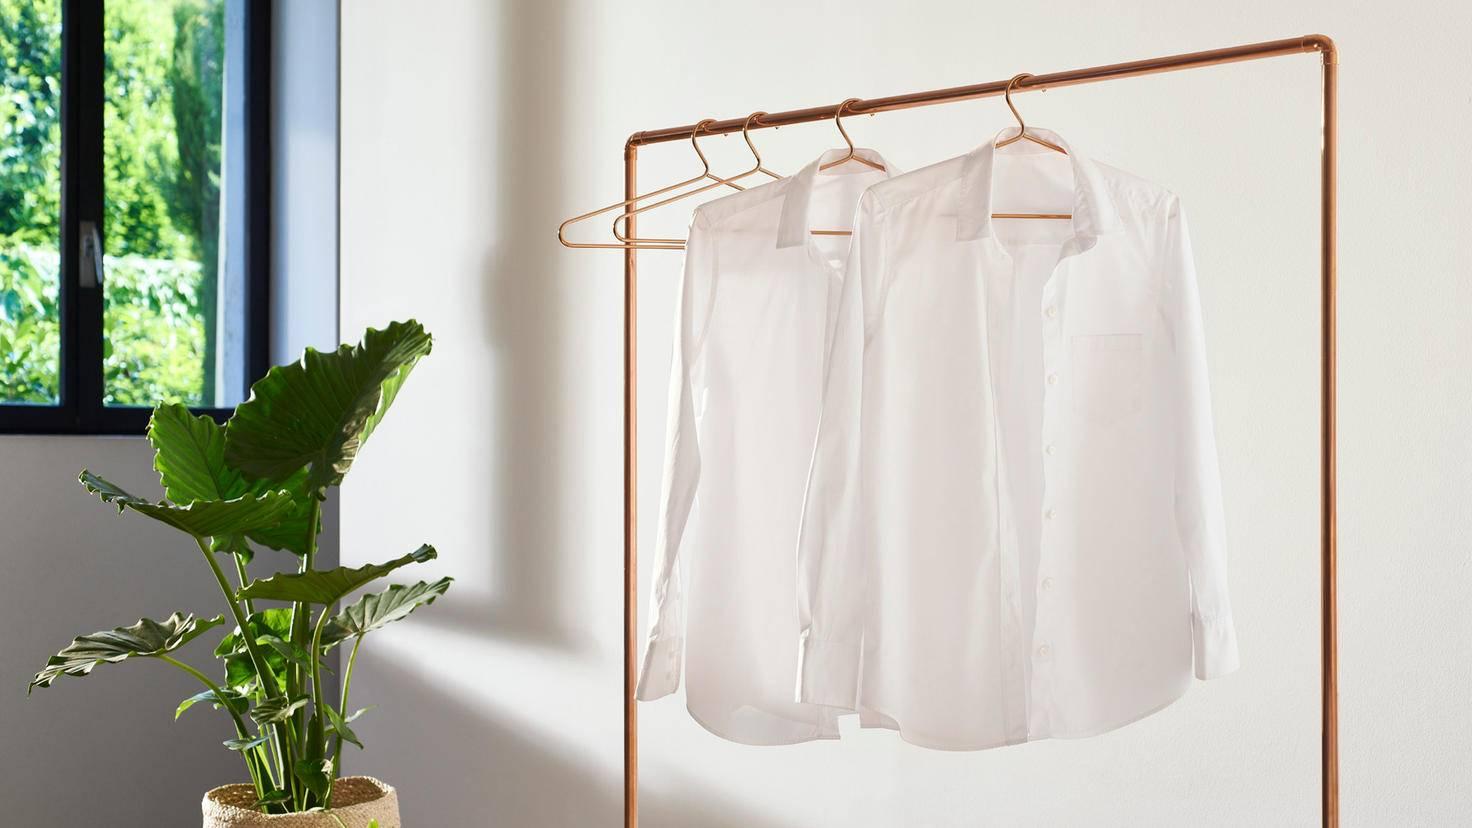 bluse kleiderbügel tefal